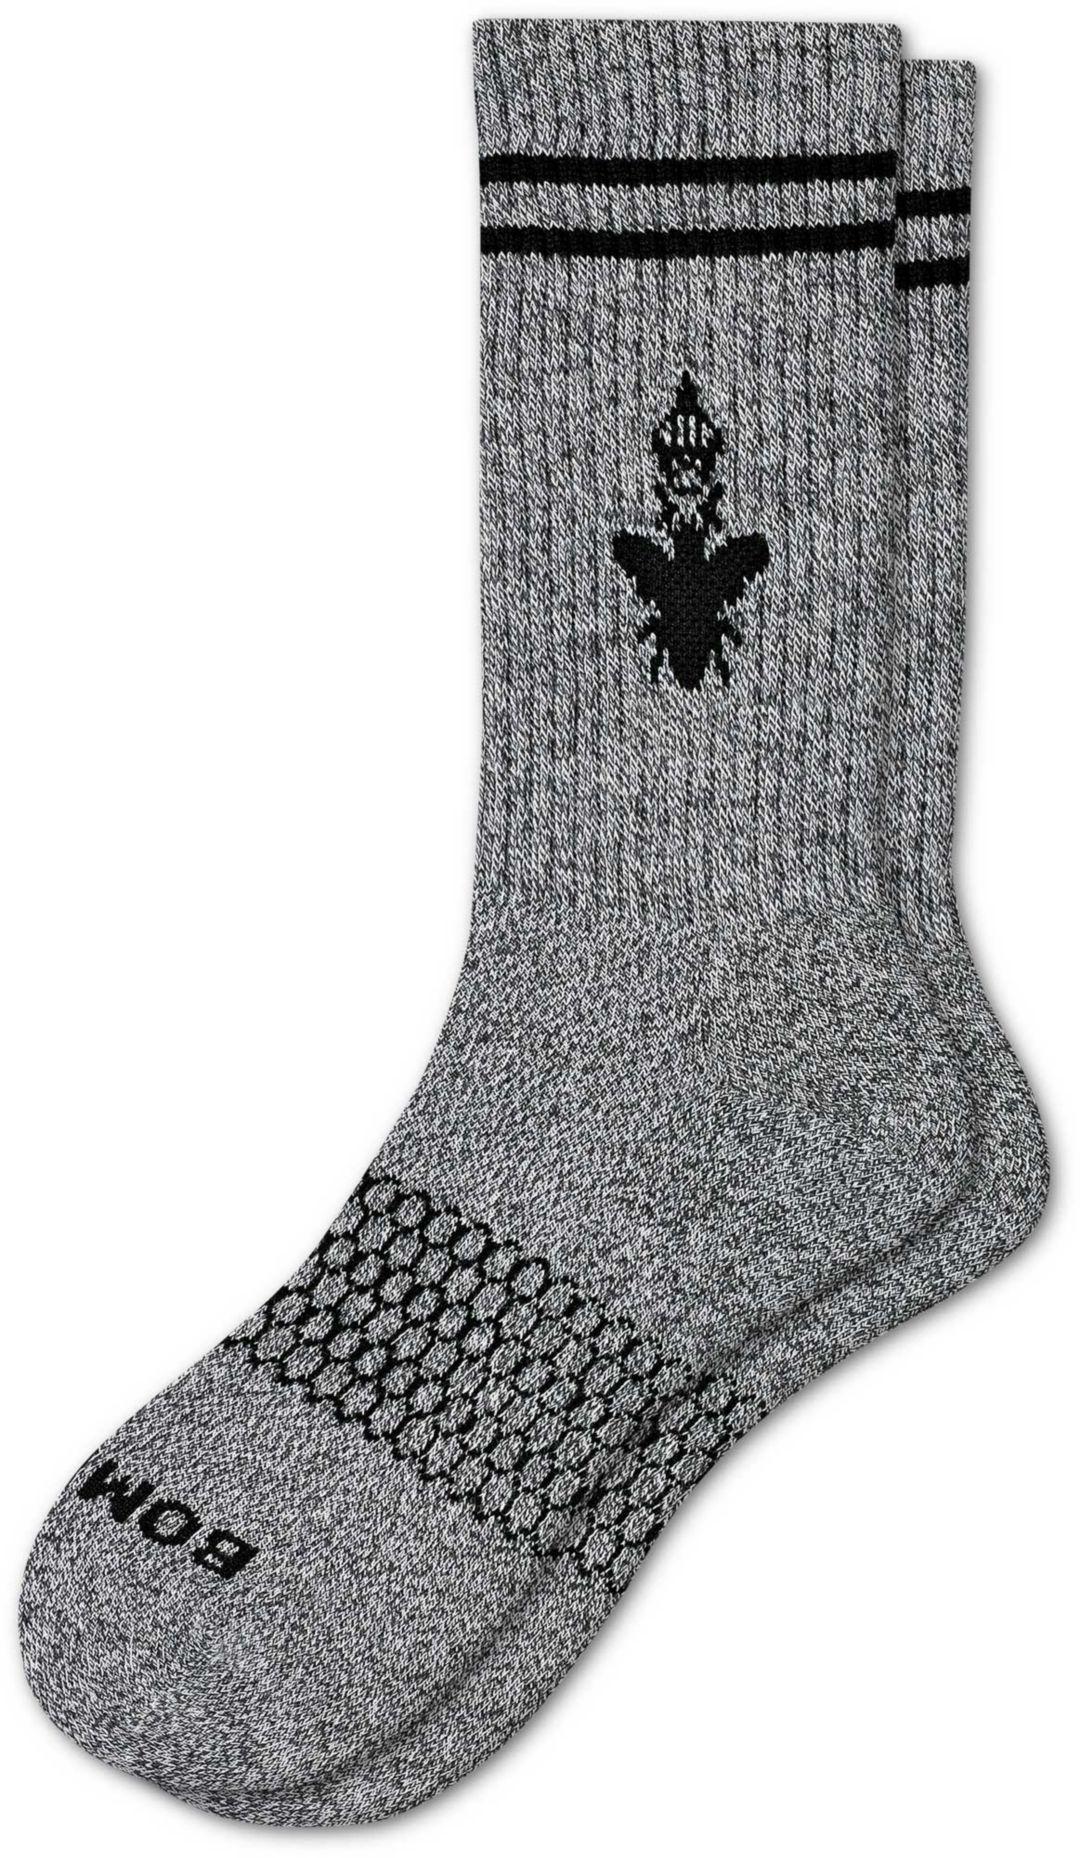 Bombas Men's Originals Calf Socks